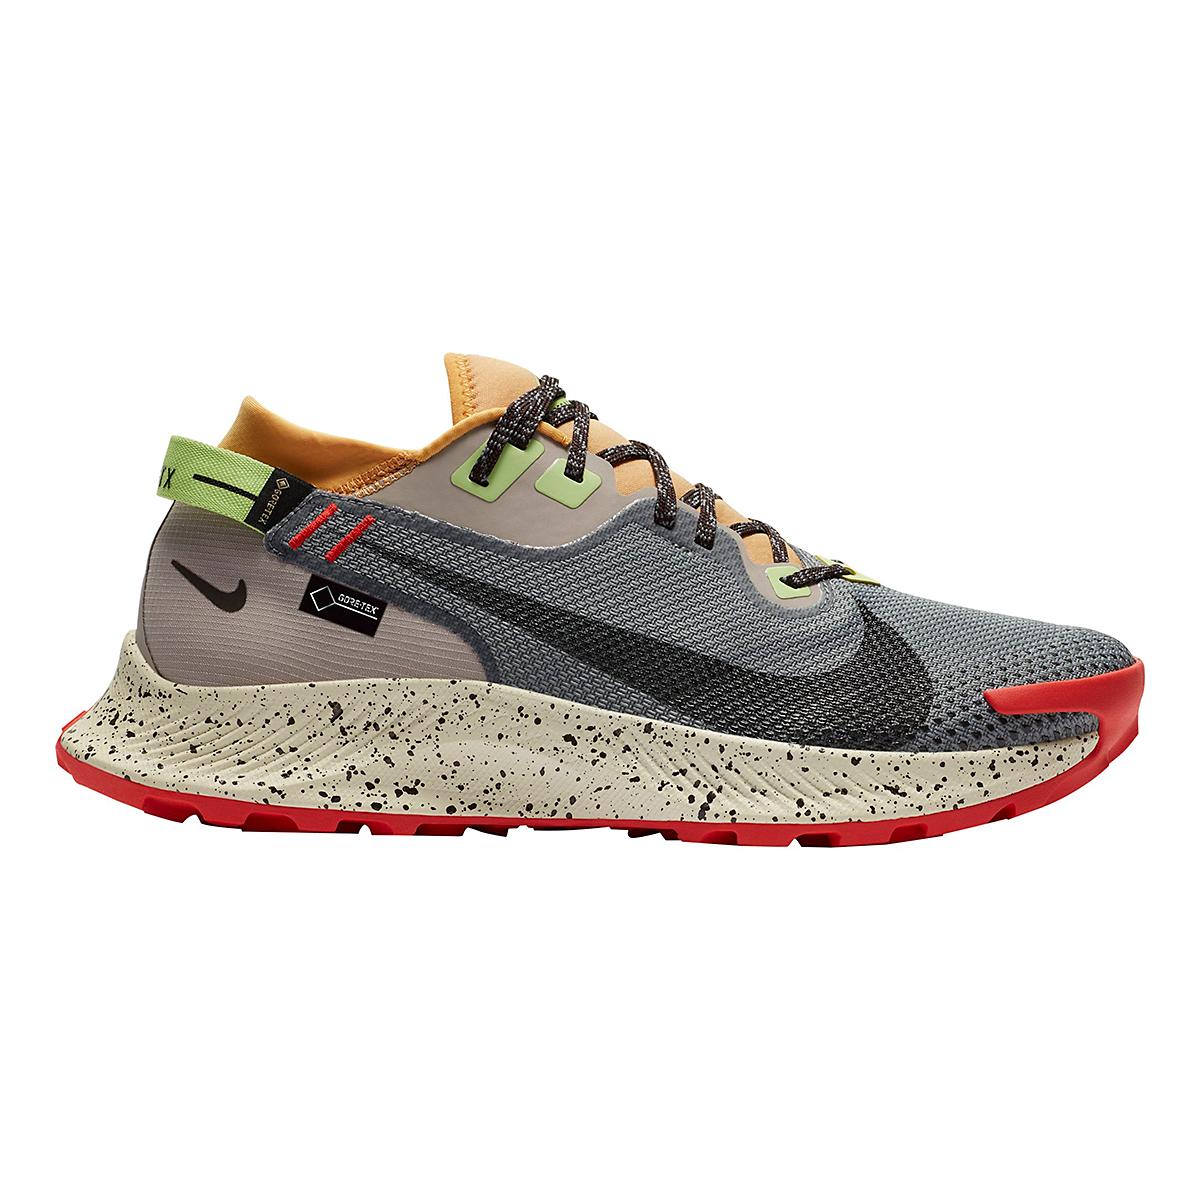 Men's Nike Pegasus Trail 2 Gore-Tex Running Shoe - Color: Smoke Grey/Black-Bucktan-College Grey - Size: 6 - Width: Regular, Smoke Grey/Black-Bucktan-College Grey, large, image 1